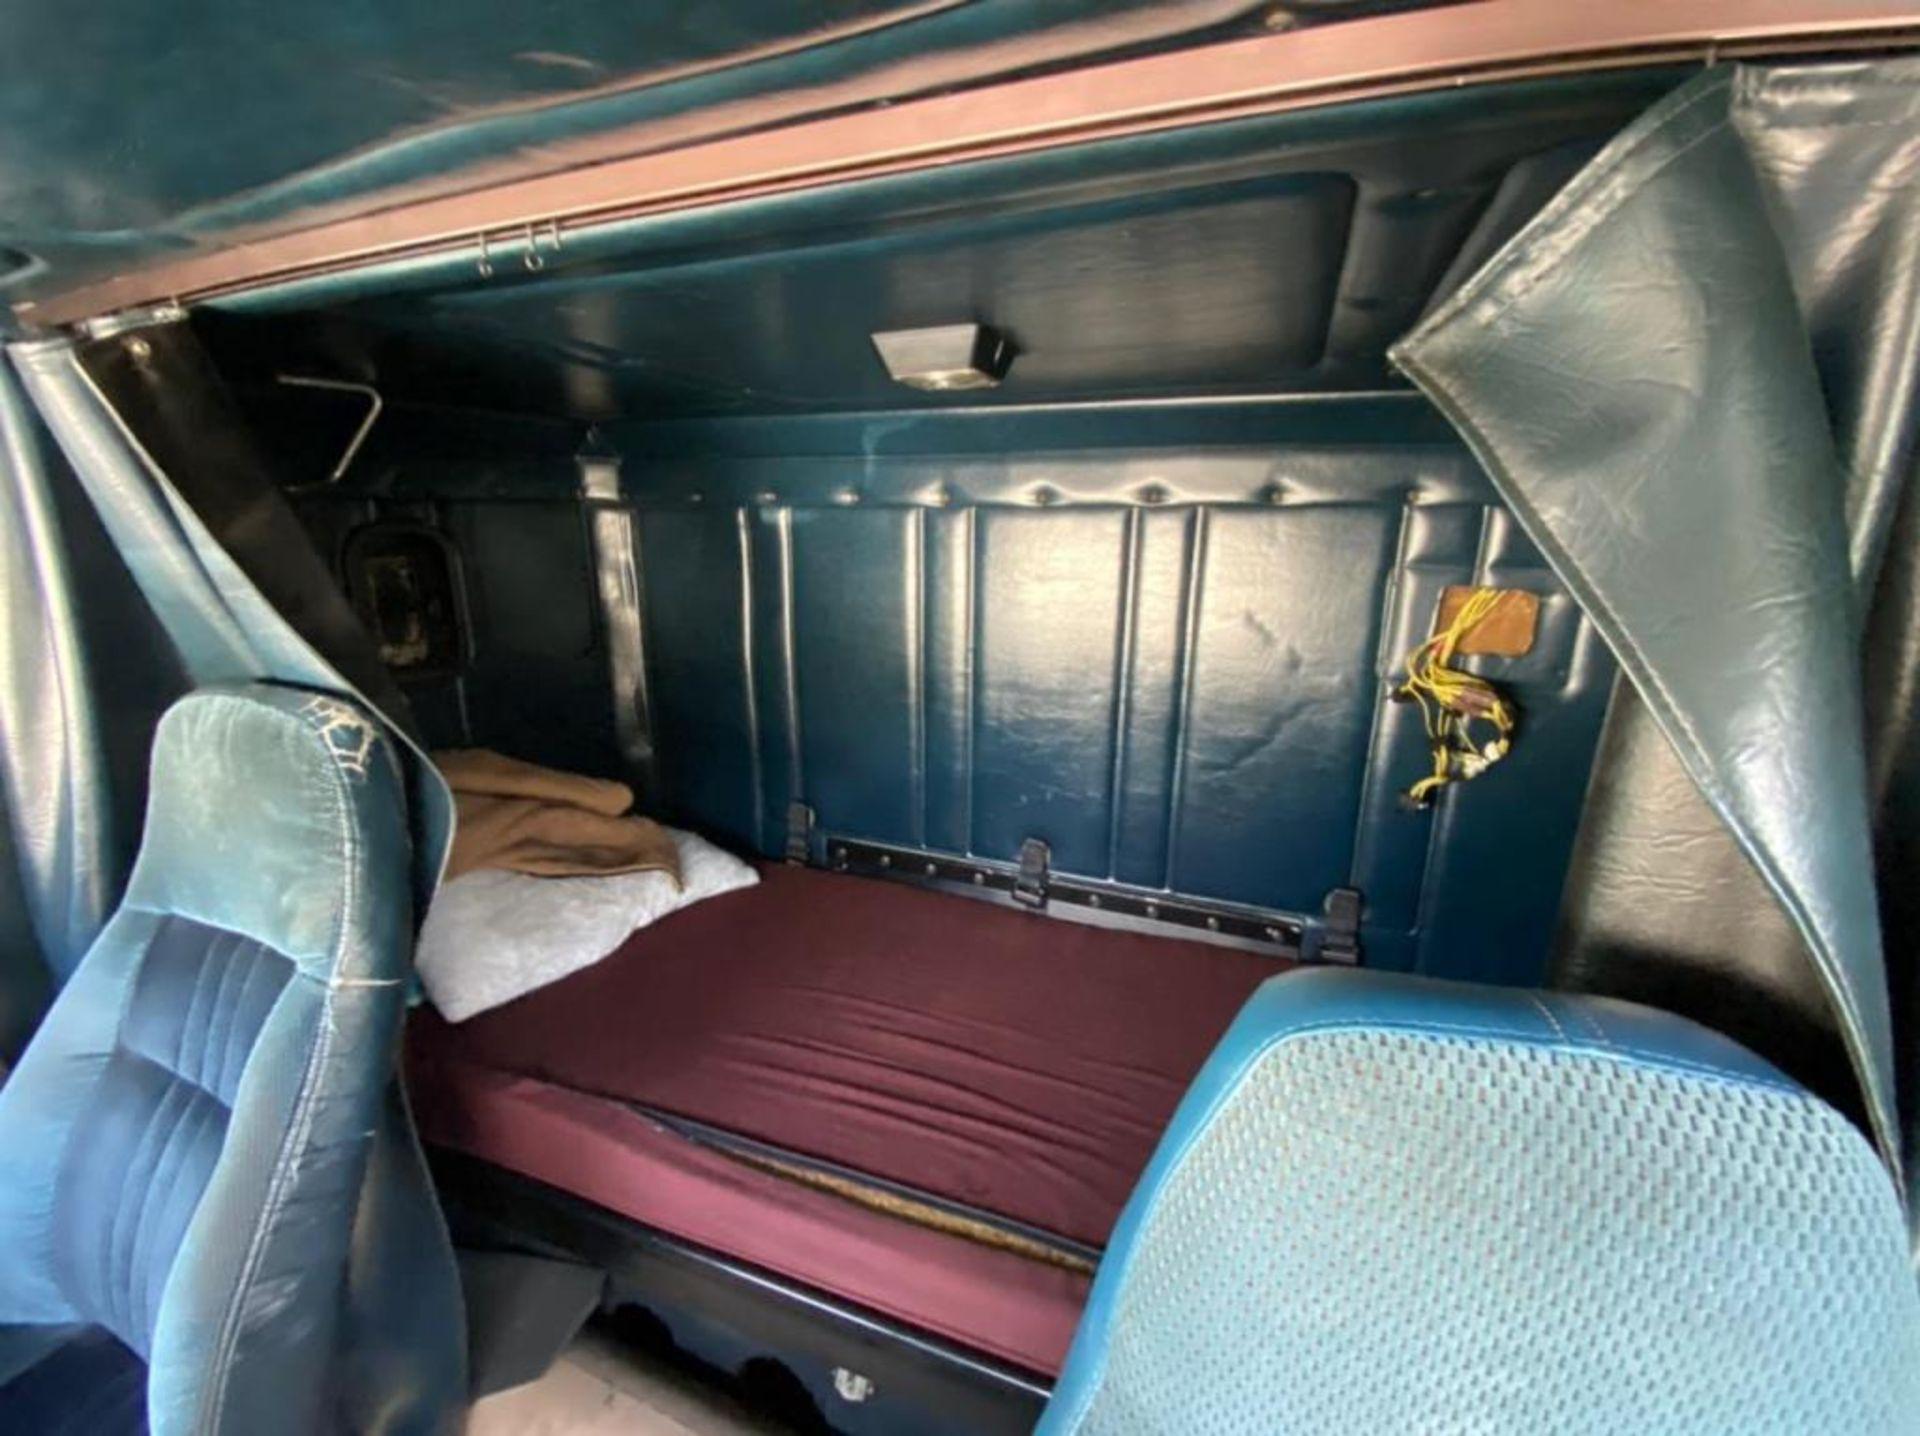 Tractocamión Marca FREIGHTLINER FLD-120, Modelo 1999 - Image 27 of 28